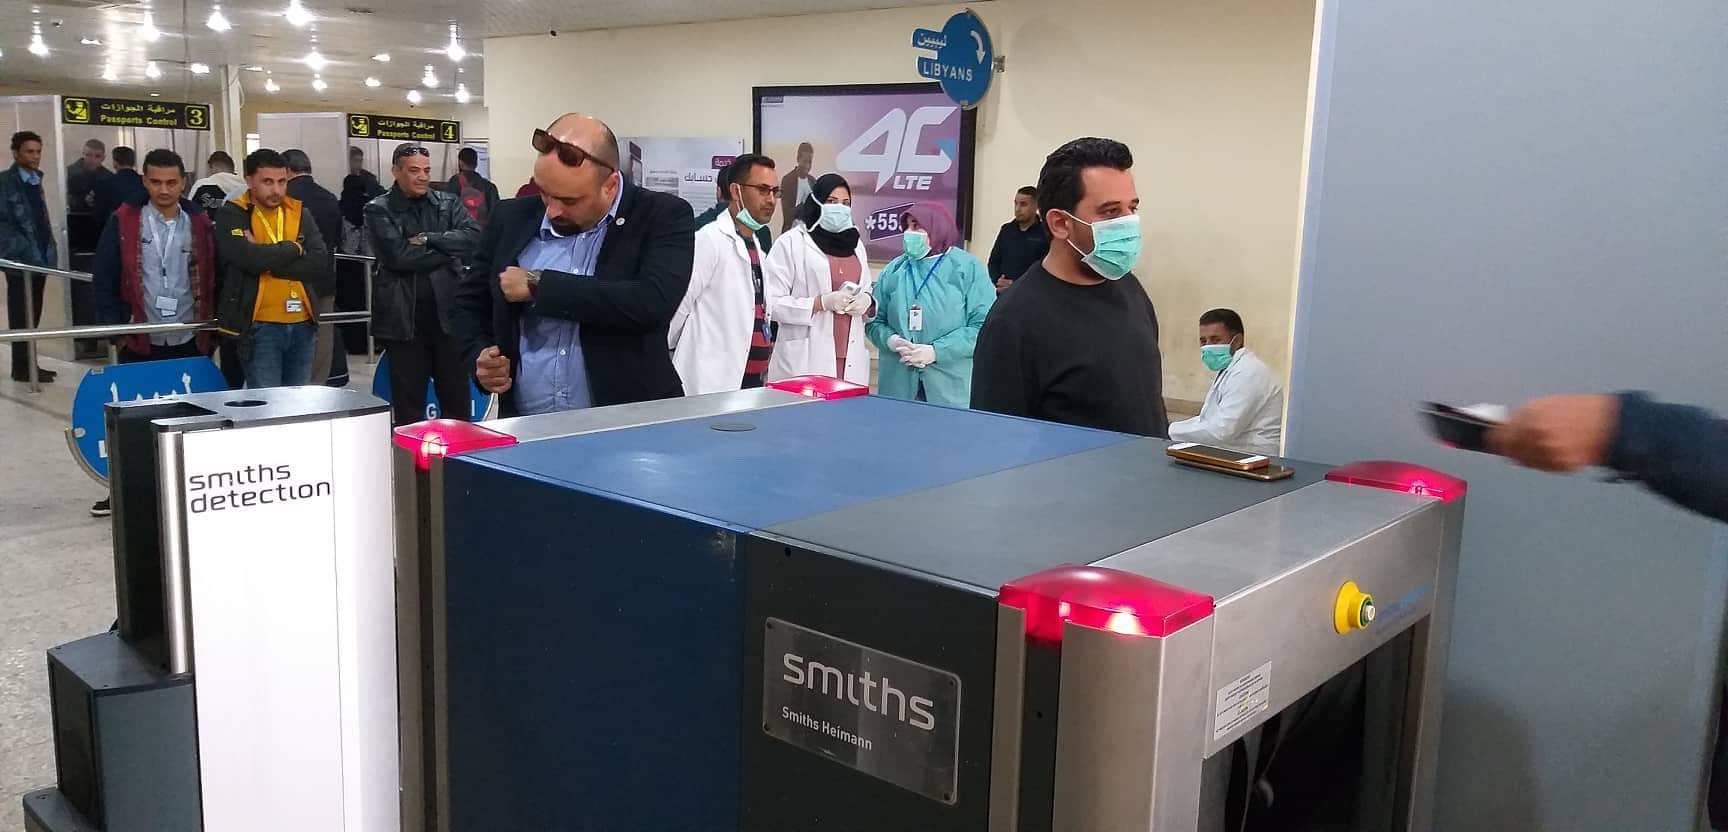 صحة المؤقتة تتابع الإجراءات الوقائية لمنع انتقال فيروس كورونا إلى ليبيا